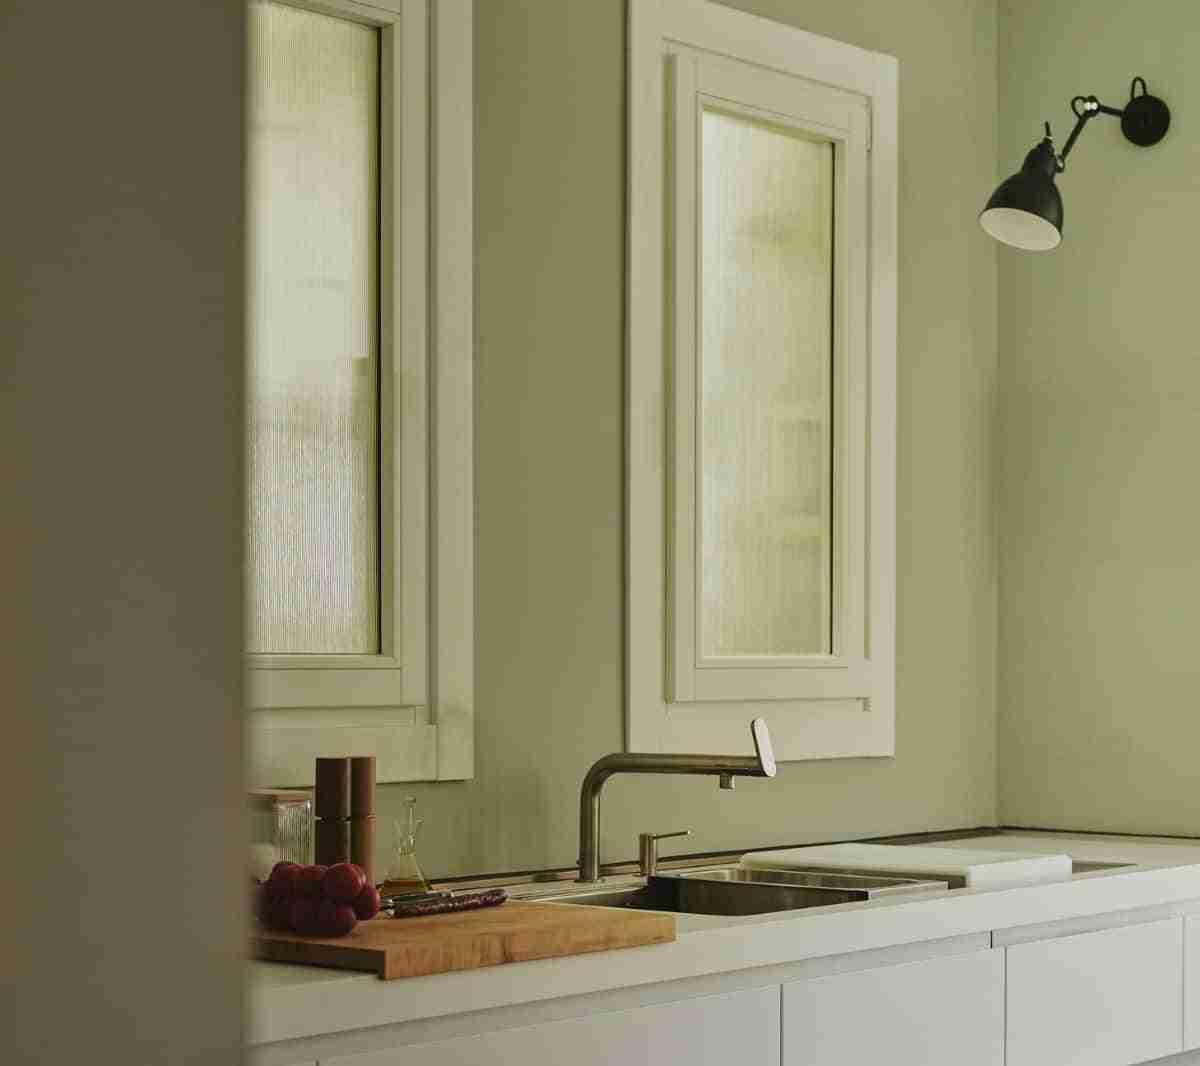 tonalidades verdes para pintar paredes